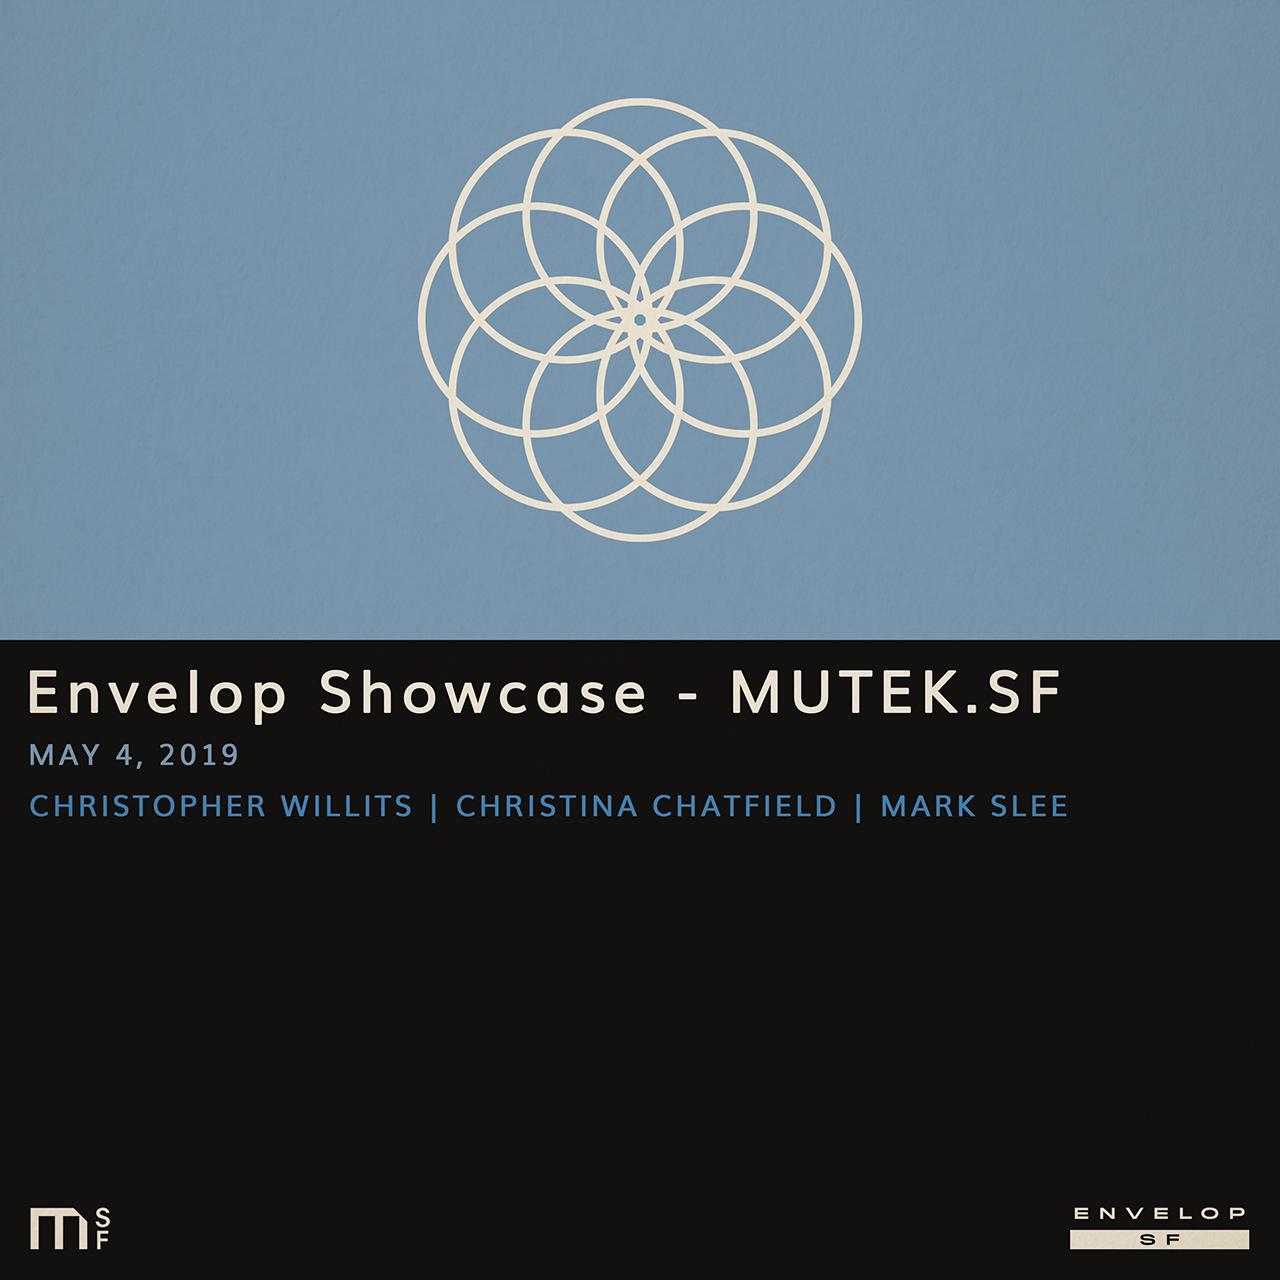 Envelop Showcase - MUTEK.SF - Sat May 4, 2019At Envelop SF12:30 PM doors | 1 PM startChristopher WillitsChristina ChatfieldMark SleeTickets